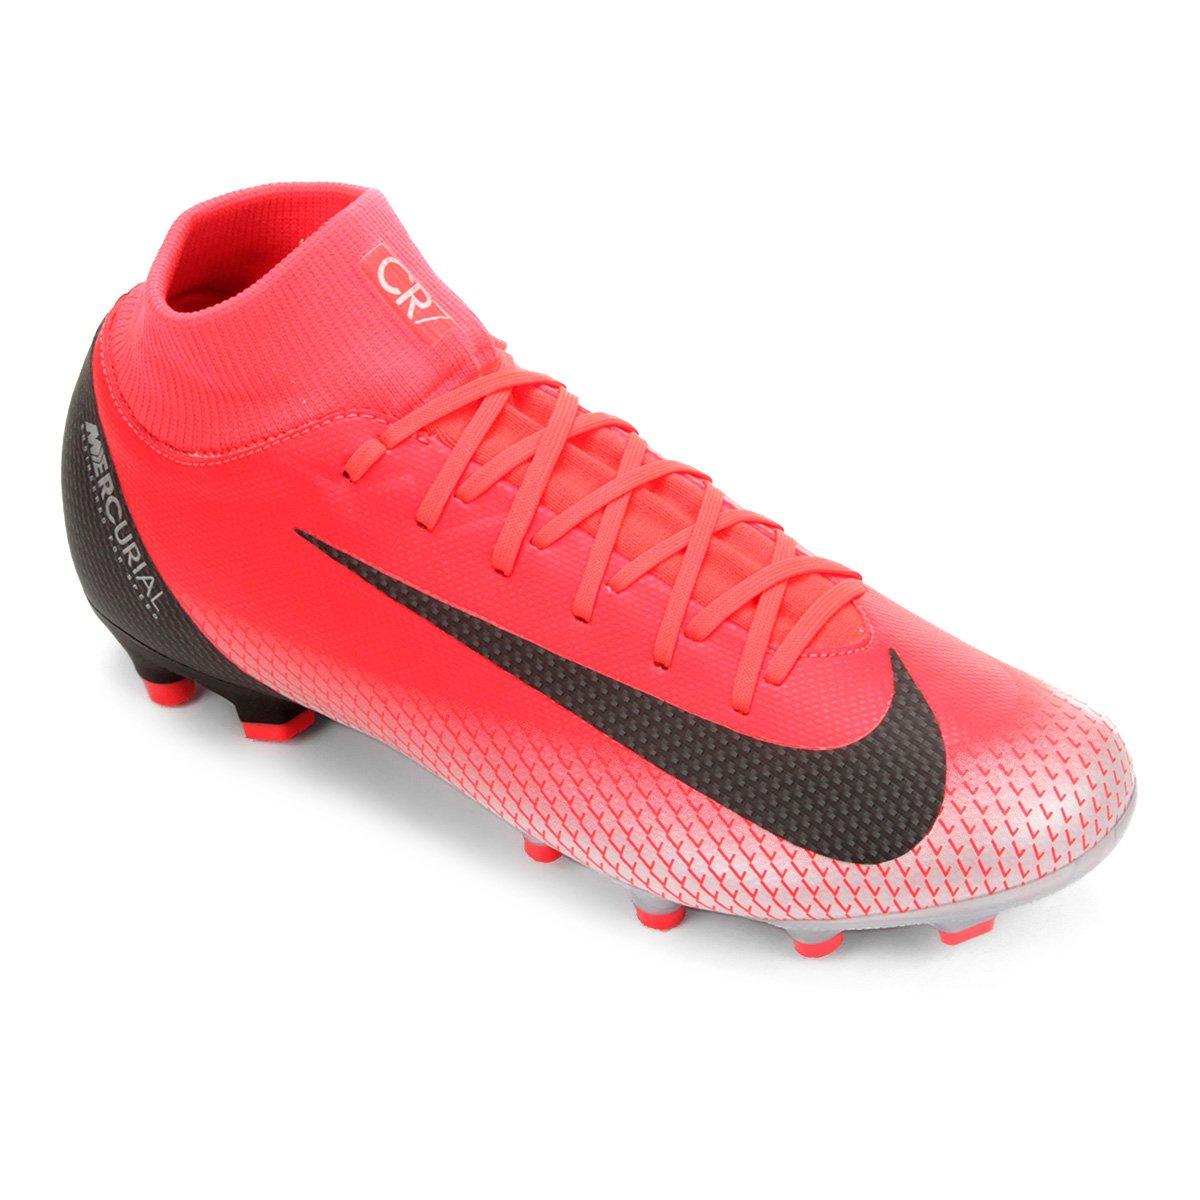 32ab4abbf5e Chuteira Campo Nike Mercurial Superfly 6 Academy CR7 FG - Vermelho e Cinza  - Compre Agora